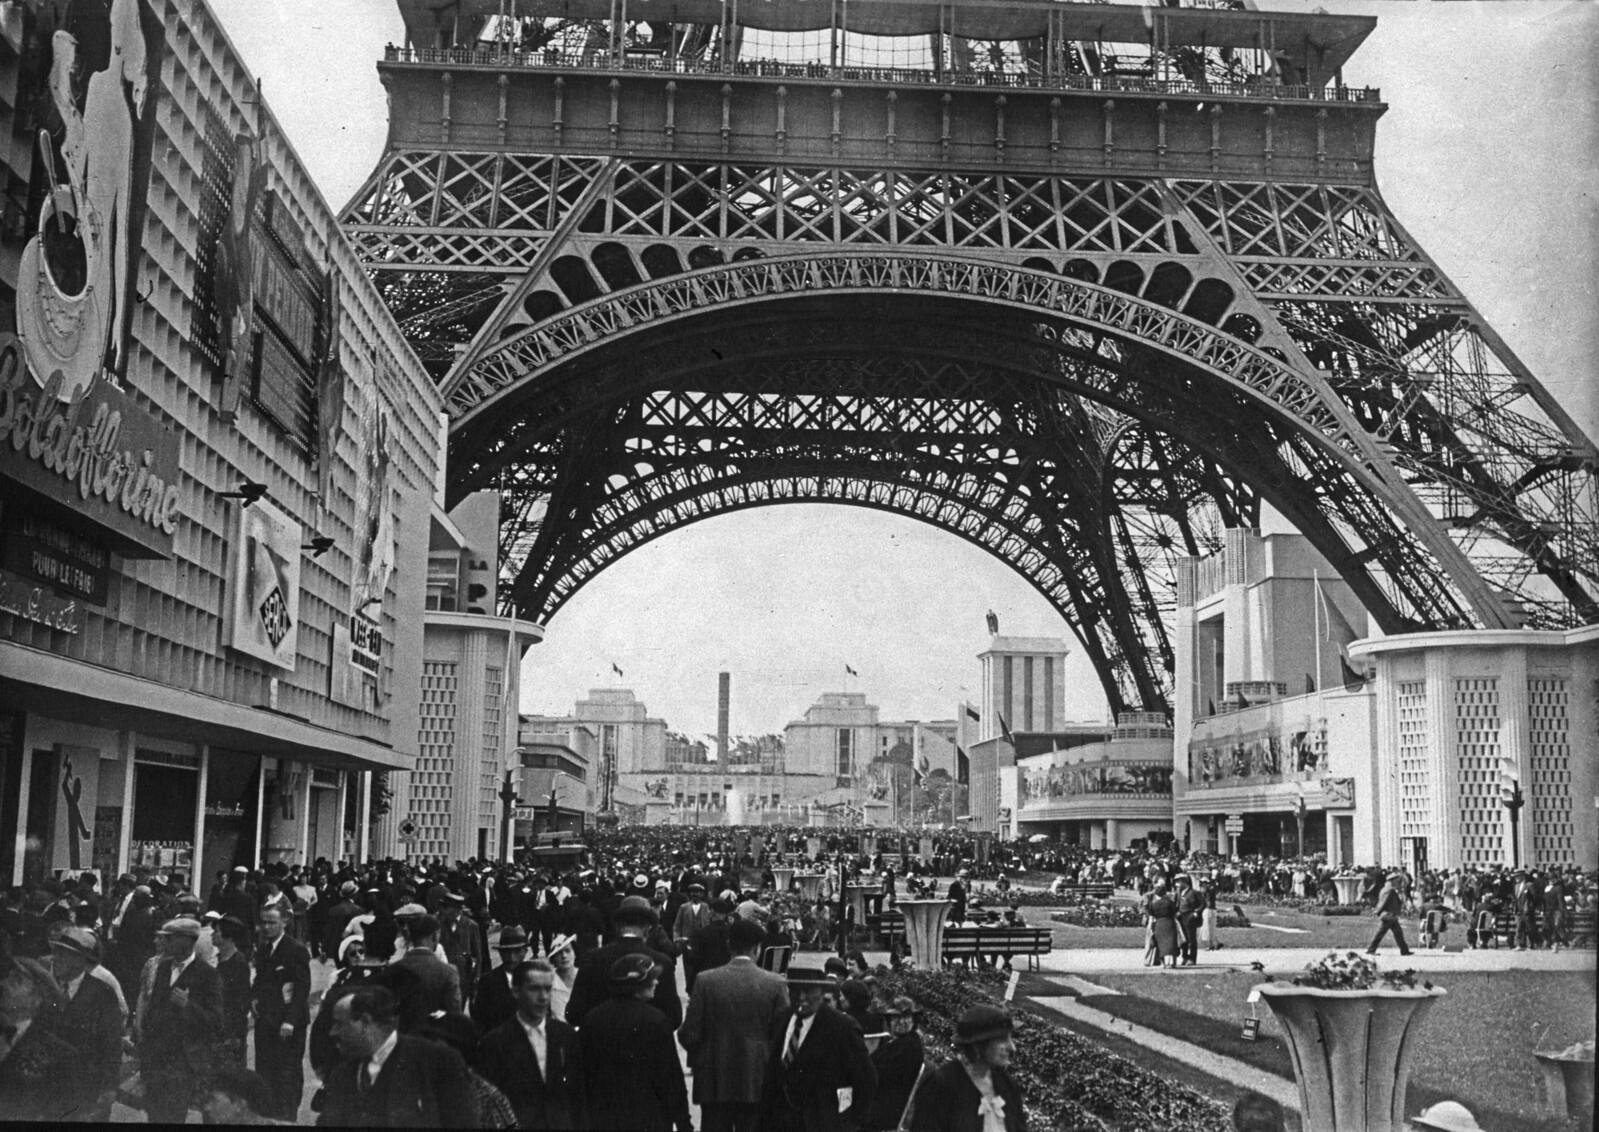 08. 1937. Толпа посетителей под Эйфелевой башней в день открытия Выставки